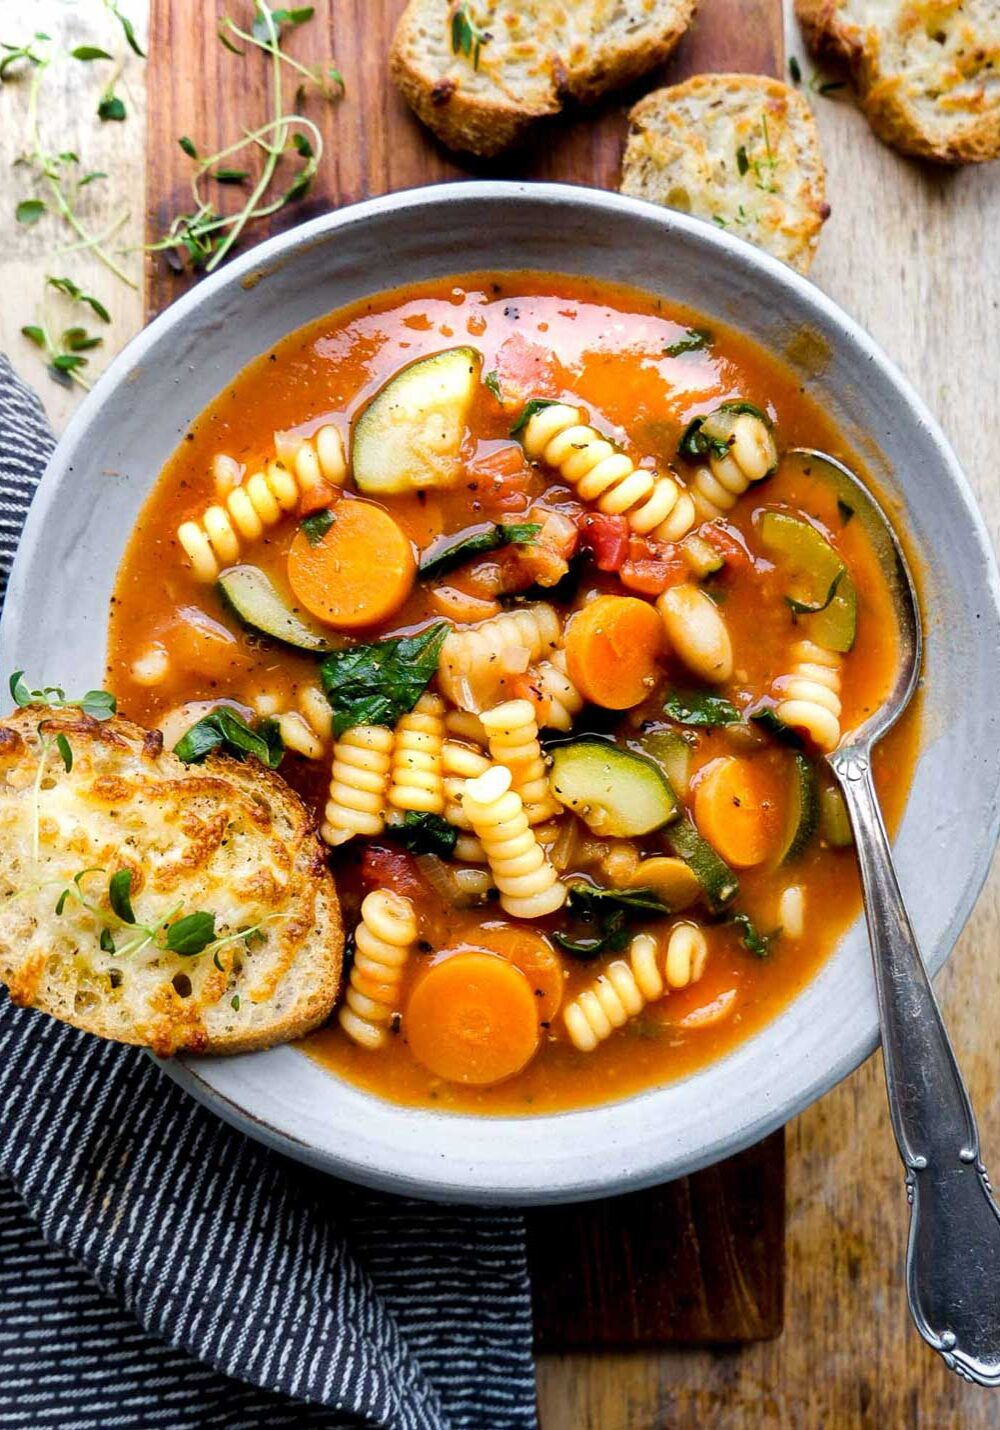 vegansk minestrone suppe med grøntsager